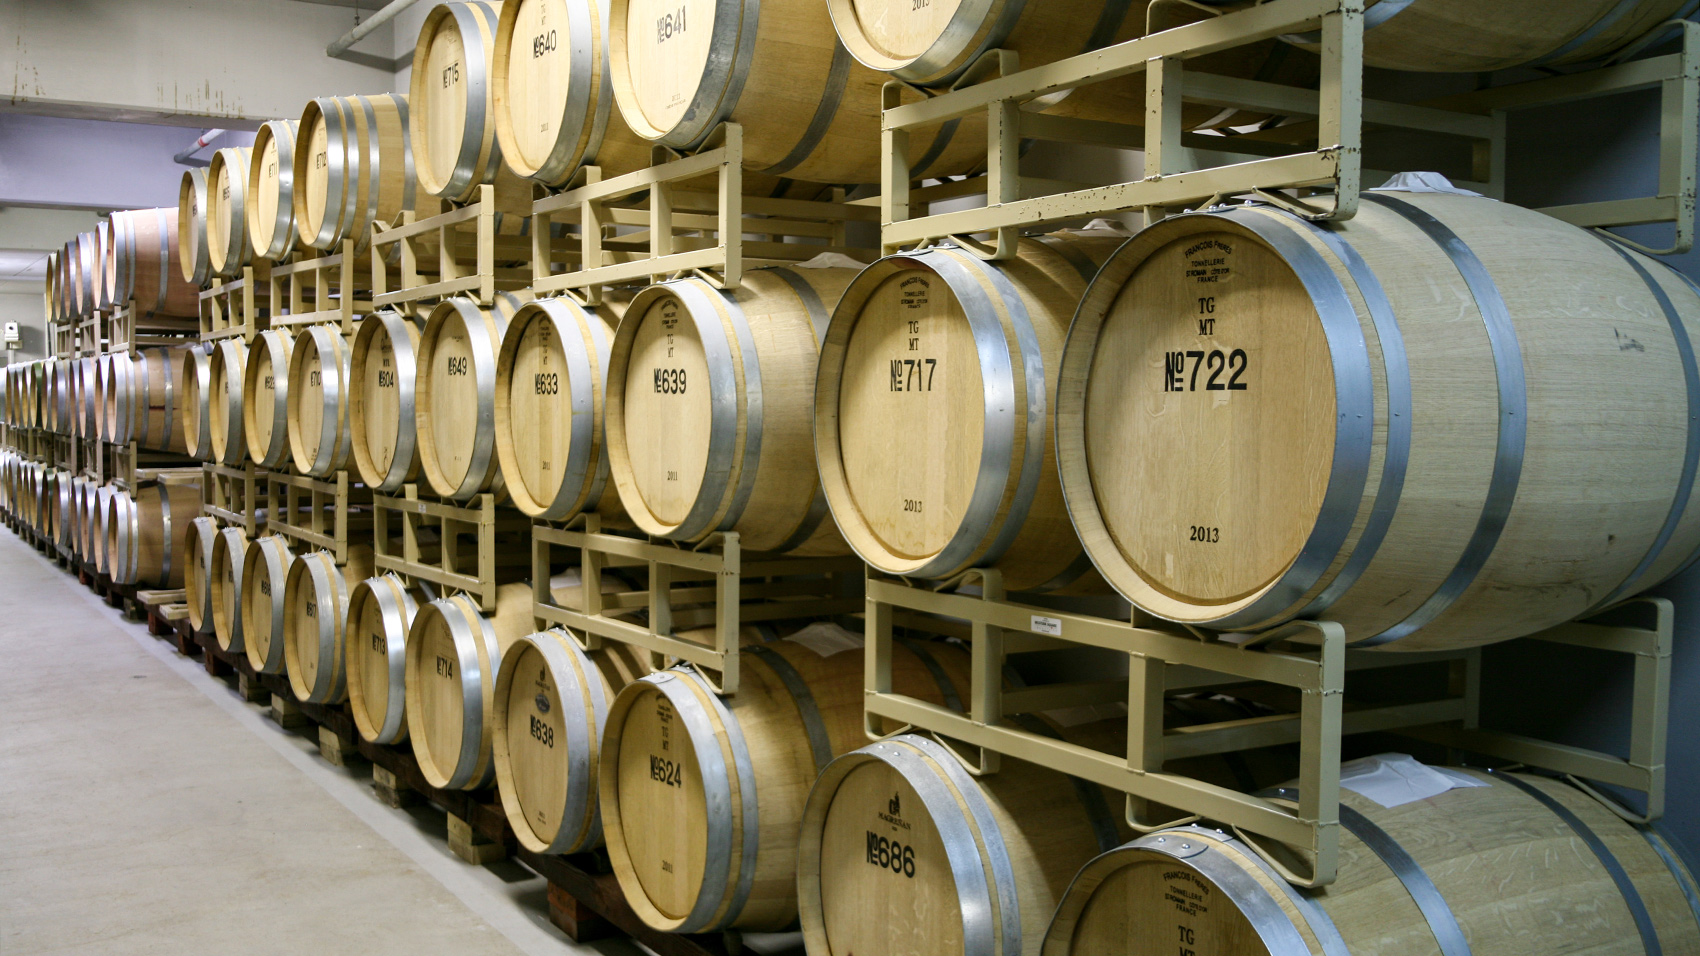 熟成用の新しいオーク樽はフランス、アメリカなどの樽材を使用している。